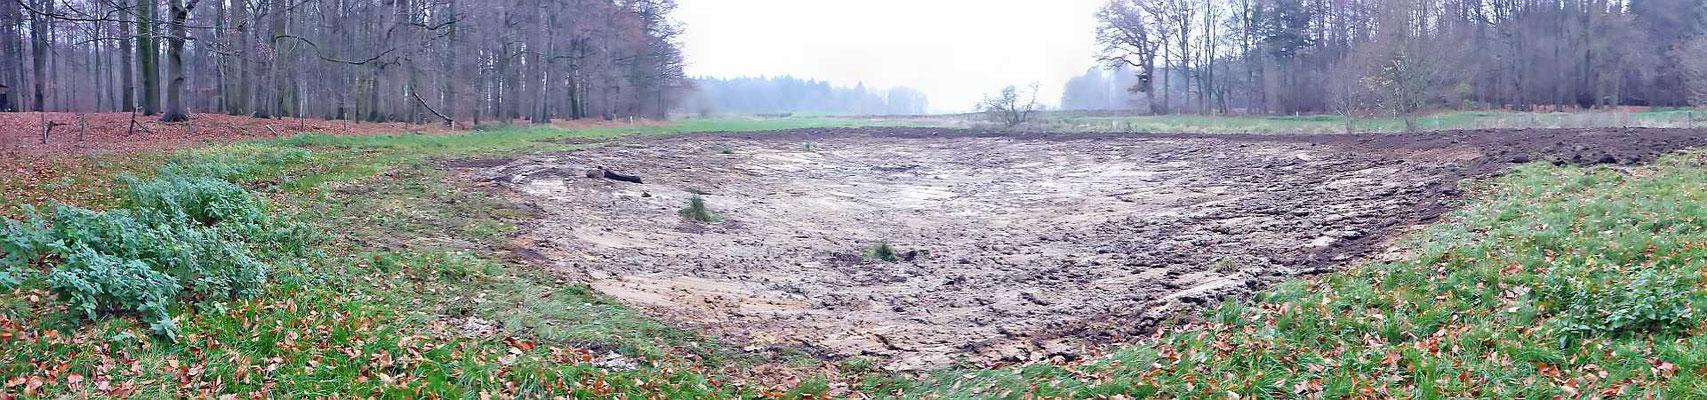 Das fertige 1. Kammmolchgewässer - fehlt nur noch ergiebiger Regen...